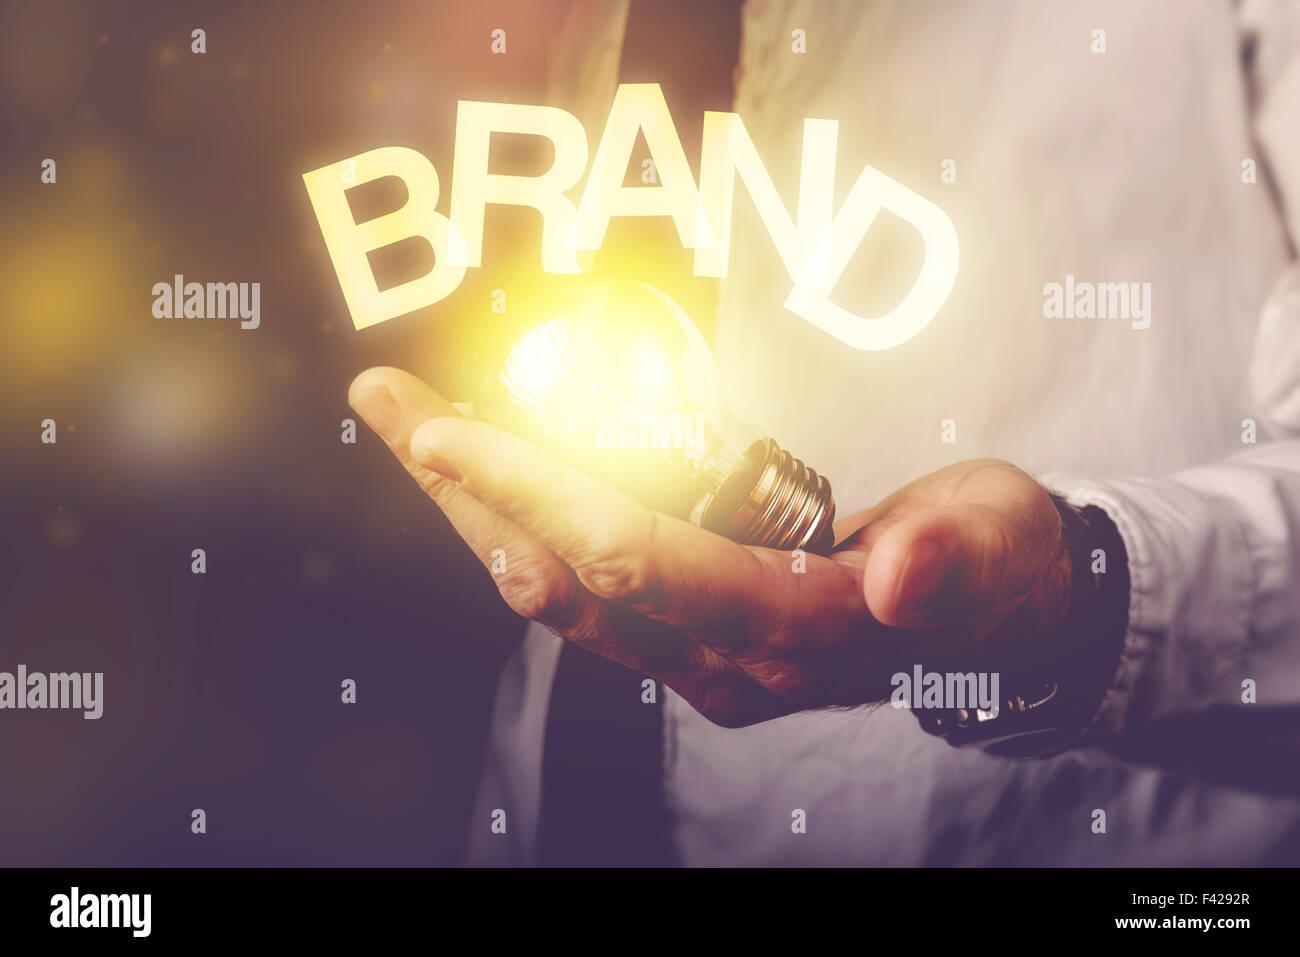 Marca idea nozione di imprenditore tenendo lampadina, dai toni rétro immagine, il fuoco selettivo. Immagini Stock